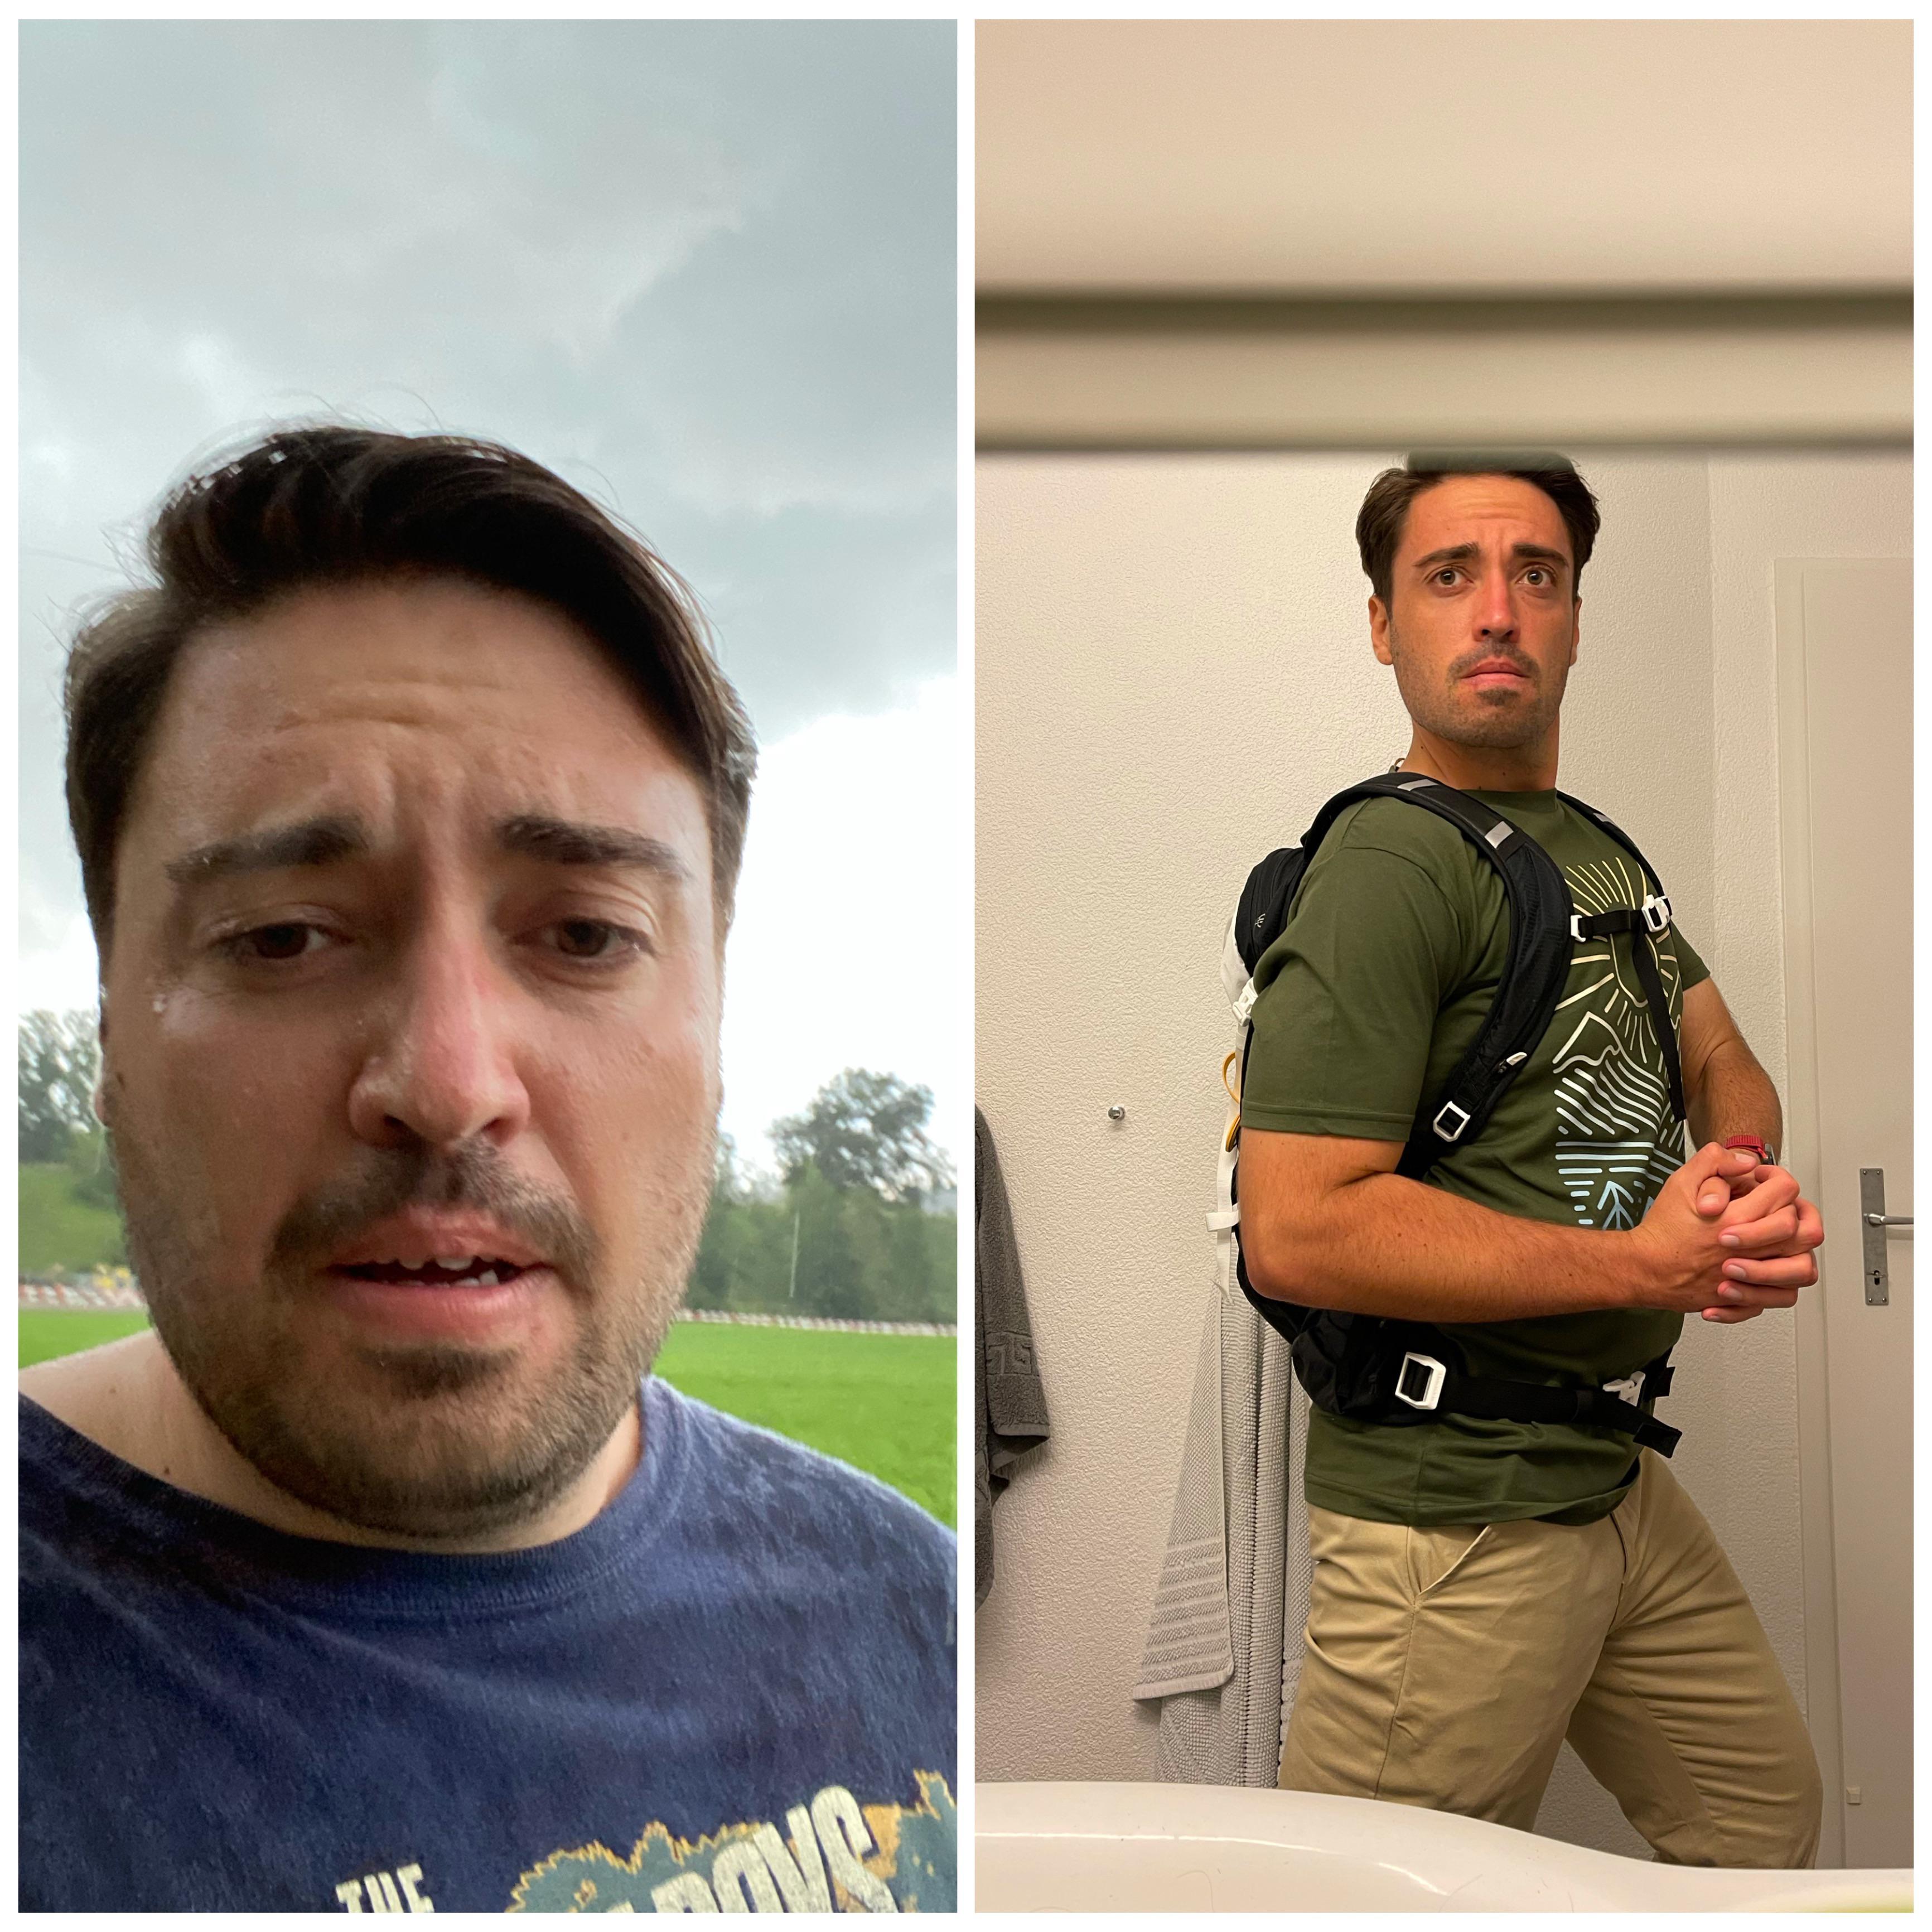 5 foot 10 Male Progress Pics of 145 lbs Fat Loss 308 lbs to 163 lbs